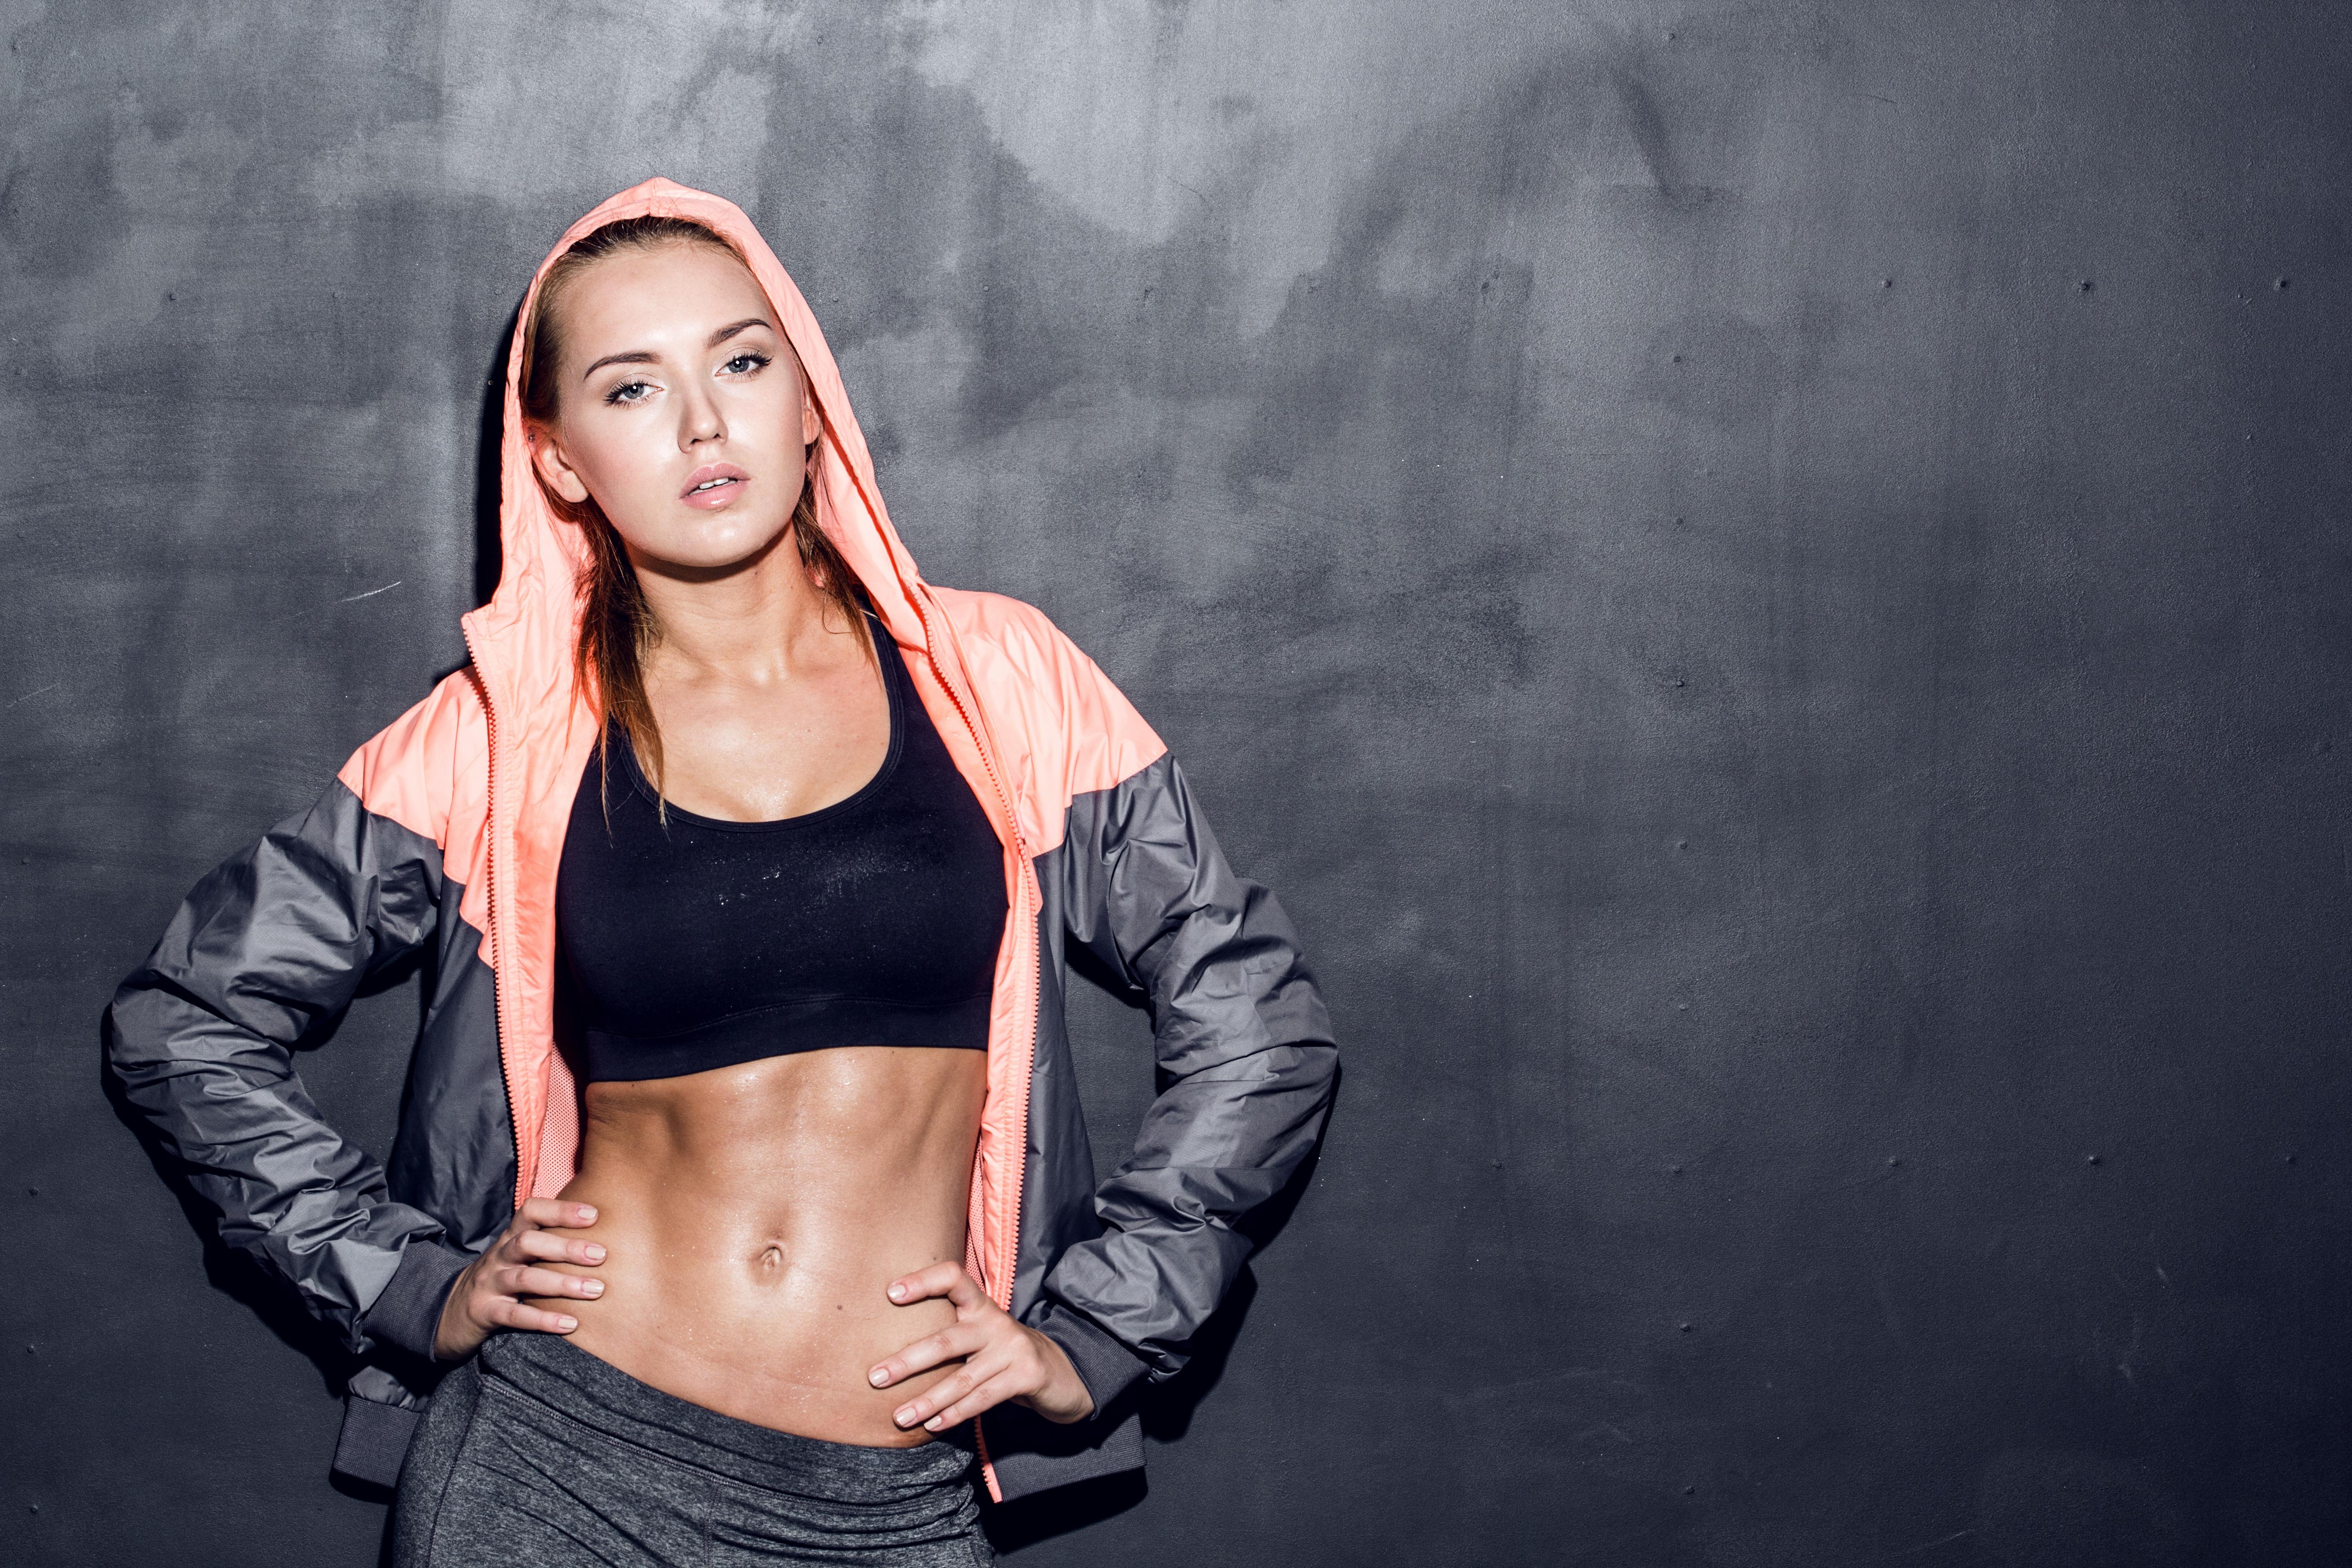 Estilo & Conforto: Os benefícios das roupas fitness